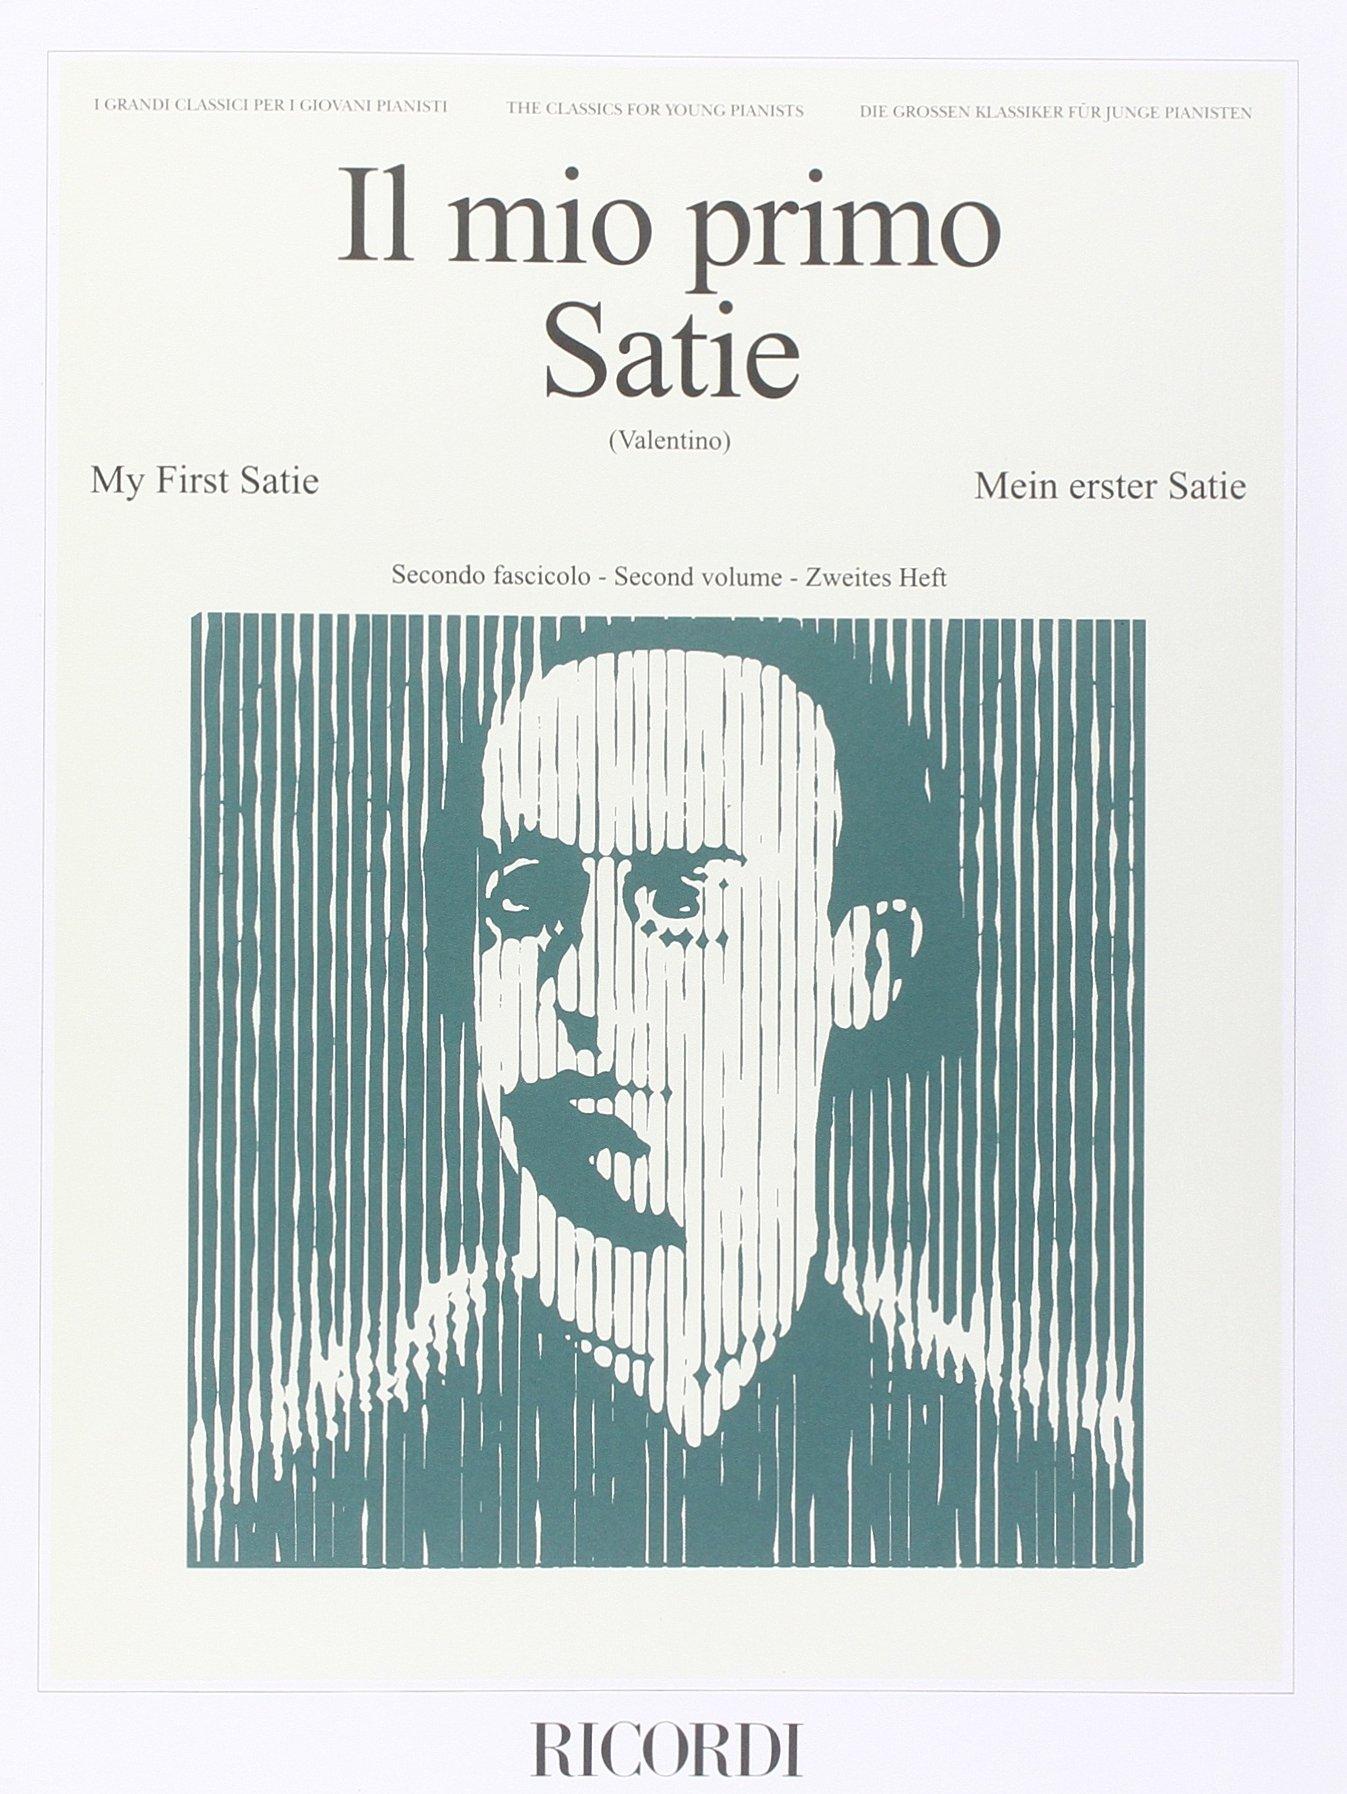 IL MIO PRIMO SATIE - FASCICOLO II (Francese) Copertina flessibile – 25 mar 2011 SATIE E. Ricordi 0041829662 Musique